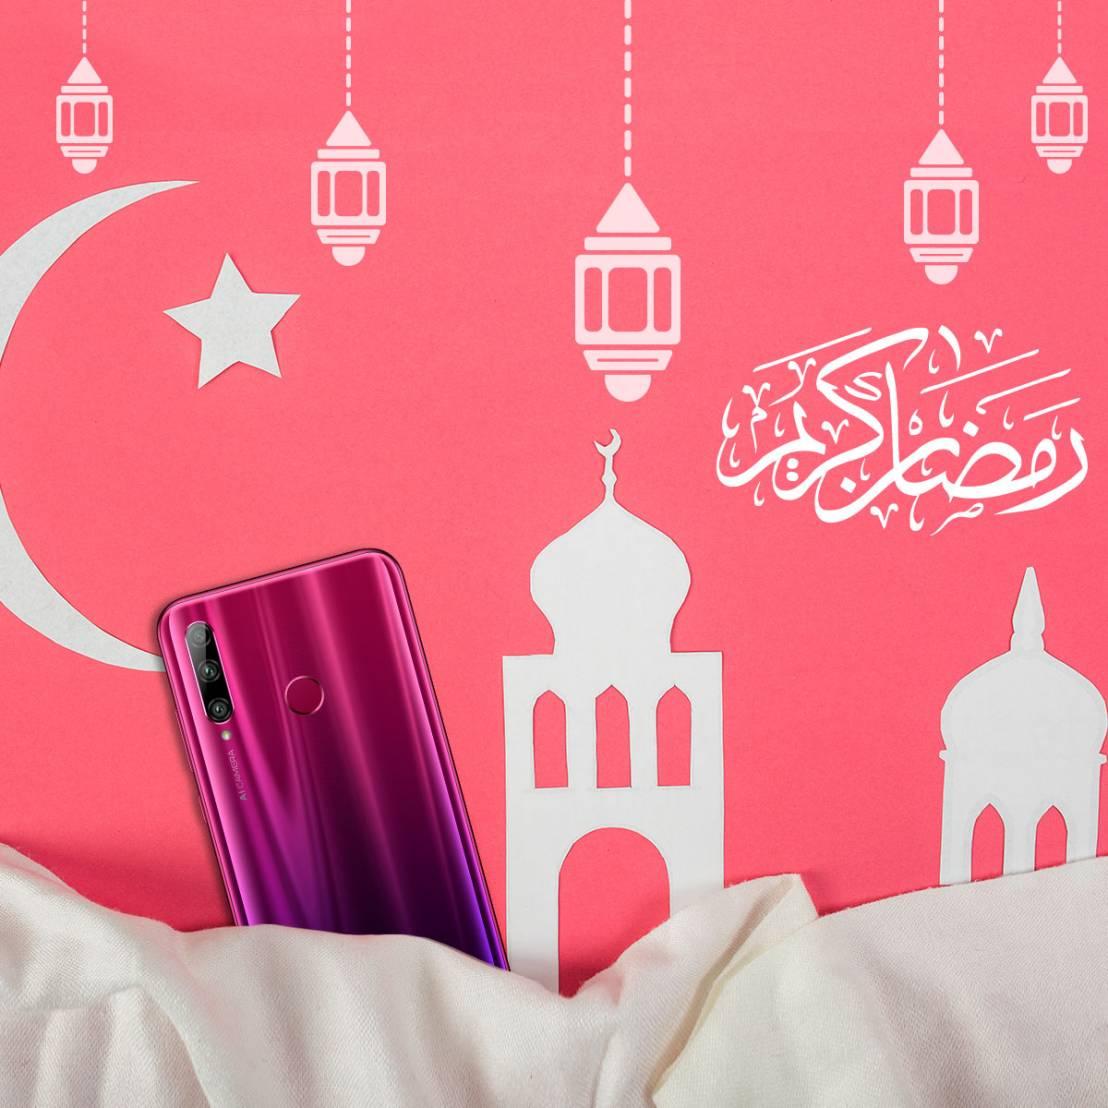 خيارات هدايا رمضان والعيد من HONOR